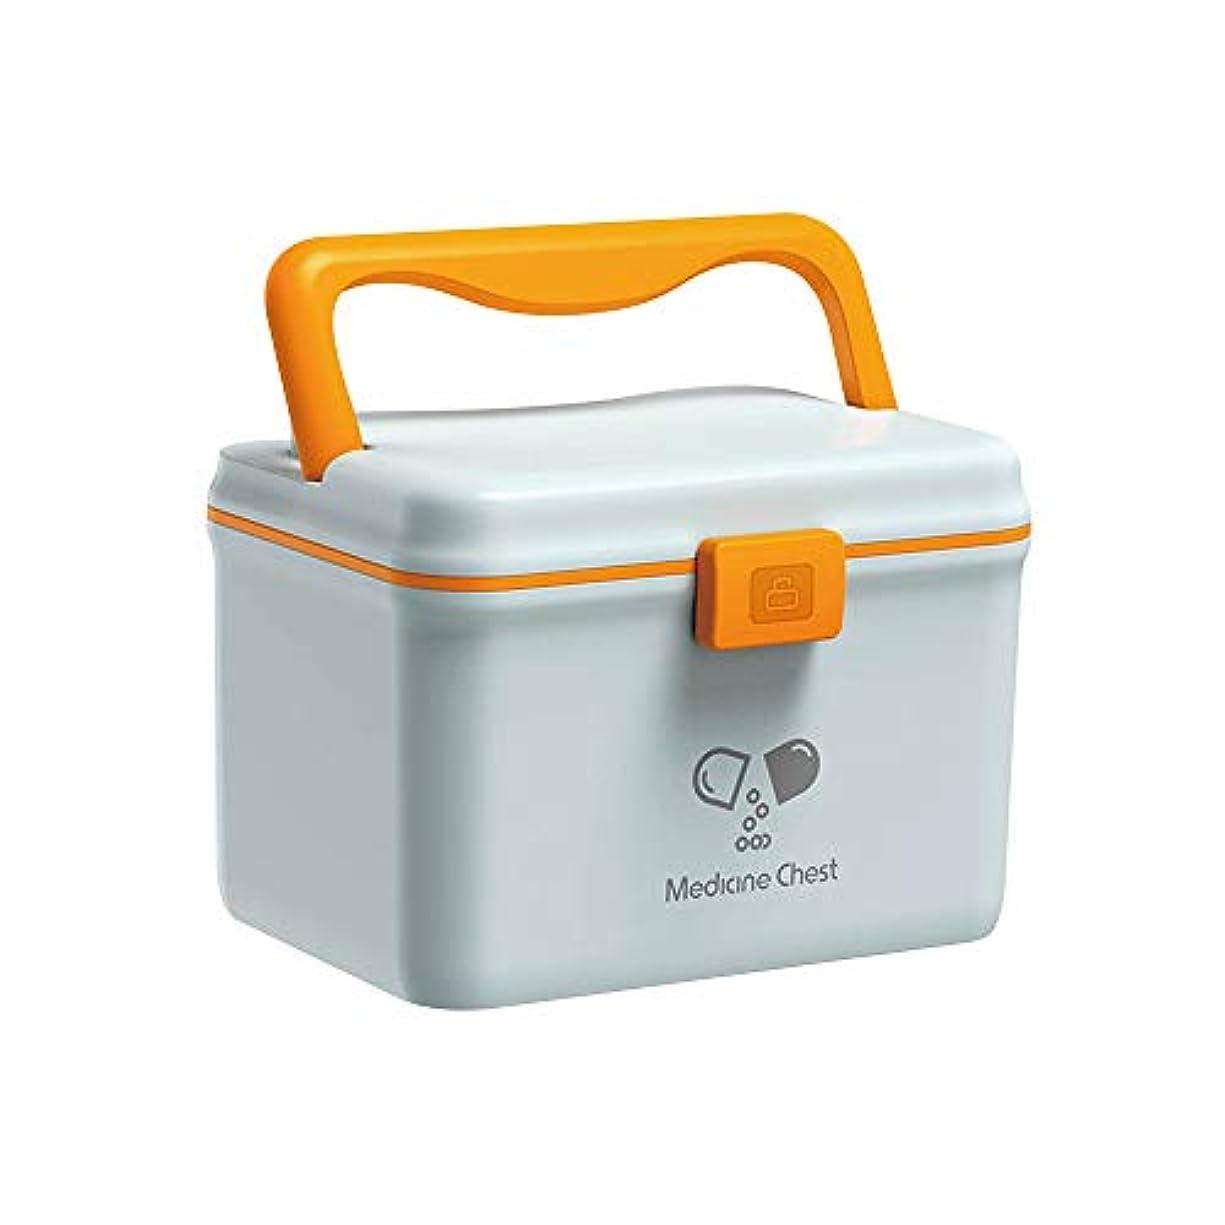 けん引ペルービュッフェ救急箱 薬箱 医療箱 収納箱 多機能収納ケース 大容量 家庭用 収納 ケース ボックス 取っ手付き 薬入れ 小物 入れ 北欧スタイル (Nordic blue - box)